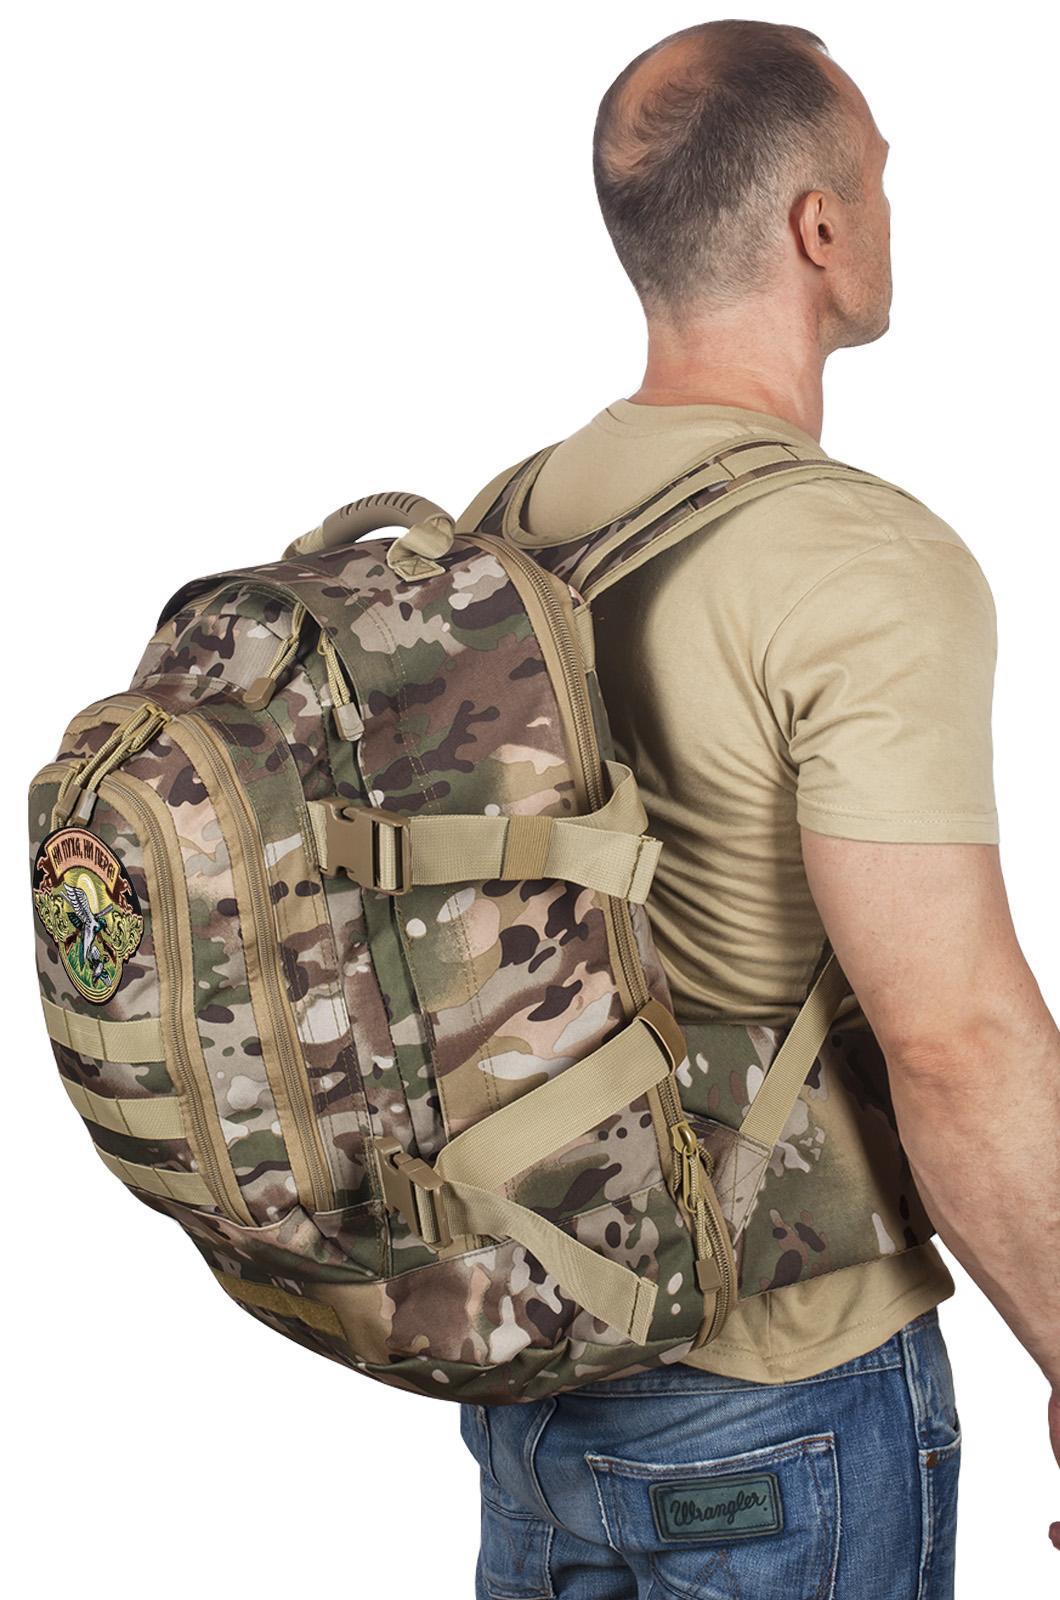 Камуфляжный трехдневный рюкзак с нашивкой Ни Пуха ни Пера - купить оптом